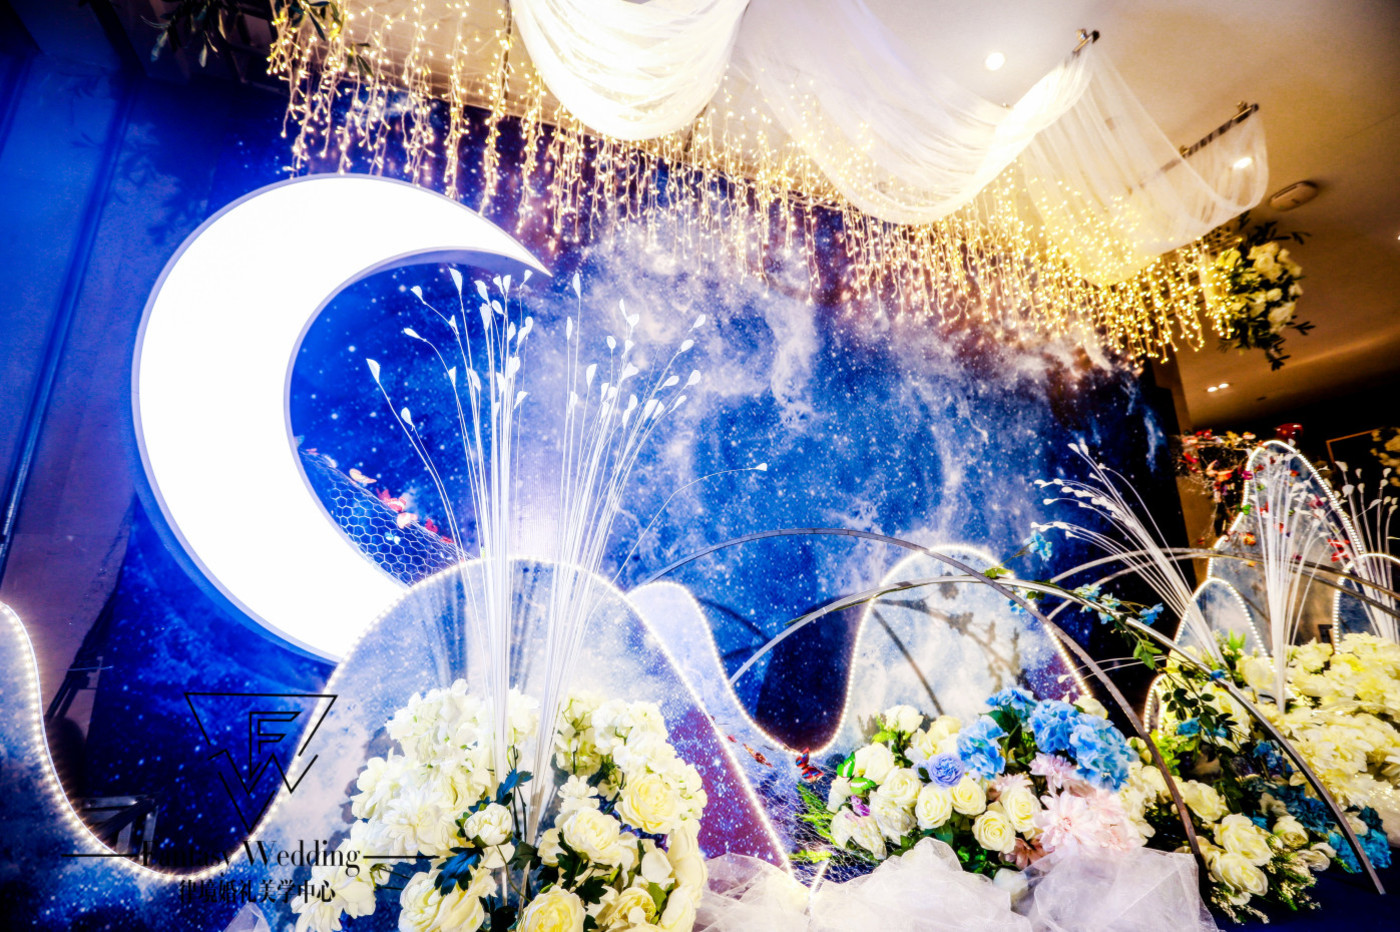 「律境婚礼」& 星空系列 S_Y4